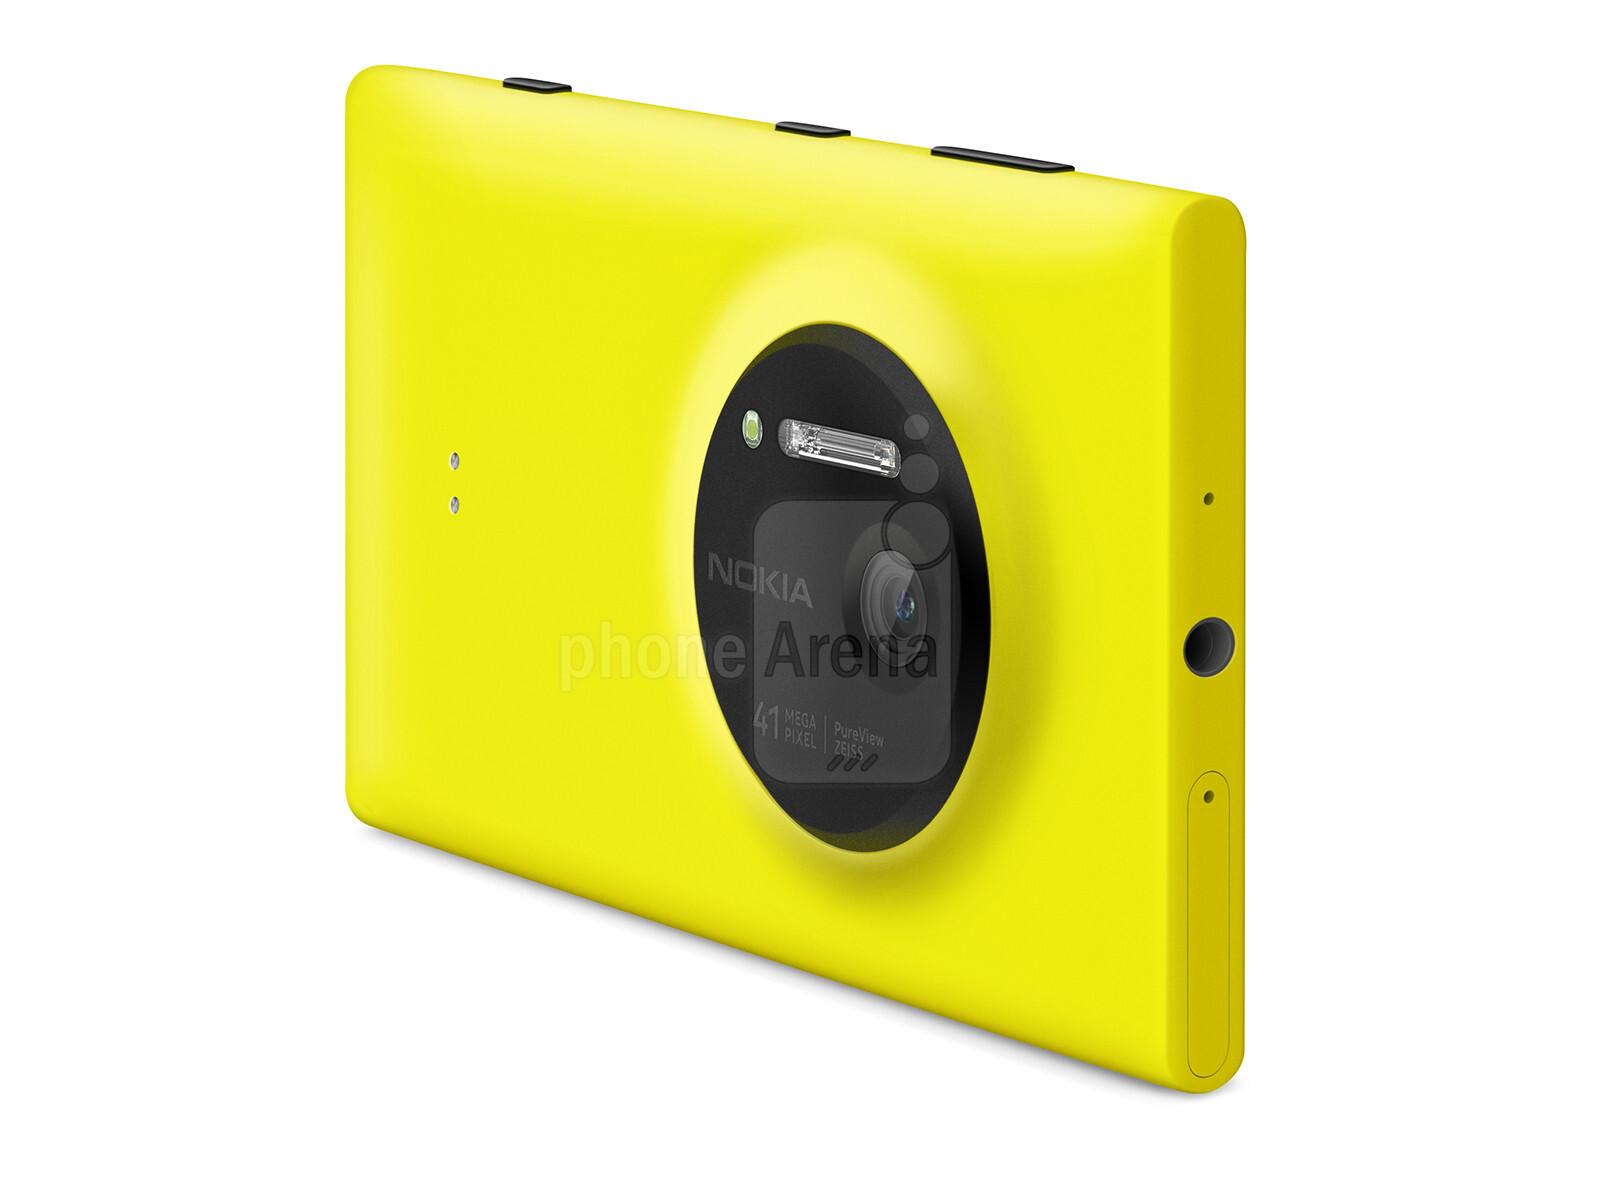 Nokia Lumia 1020 Specs